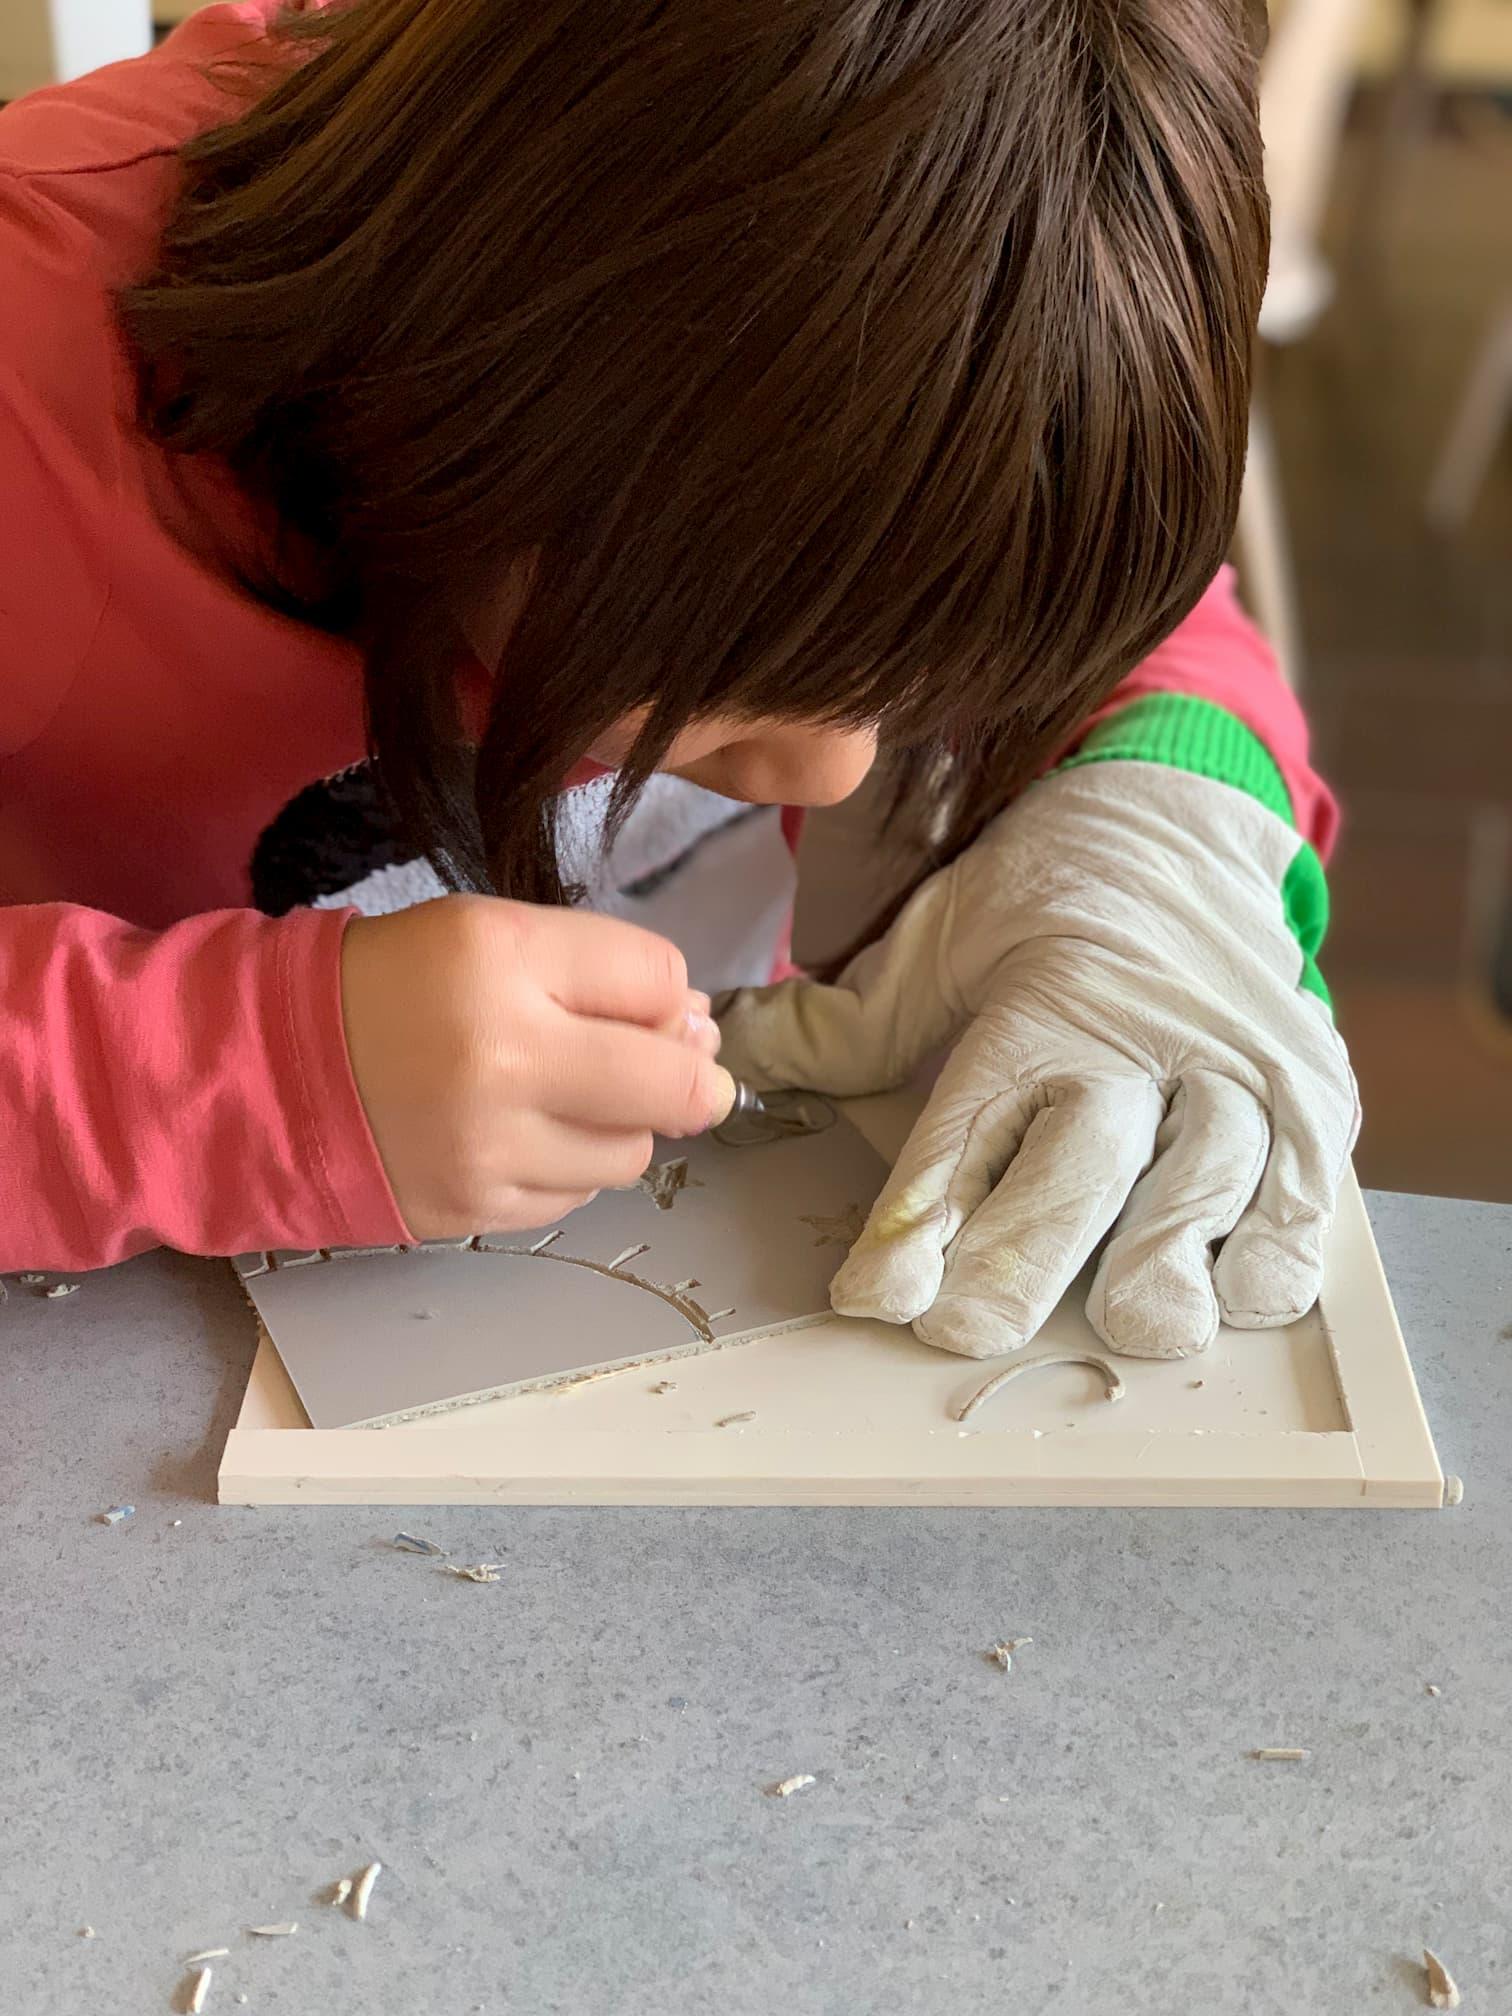 Ein Kind konzentriert sich ganu genau auf die Arbeit an der Linolplatte. Zur Sicherheit trägt es einen Handschuh an der Hand, die die Platte festhält.